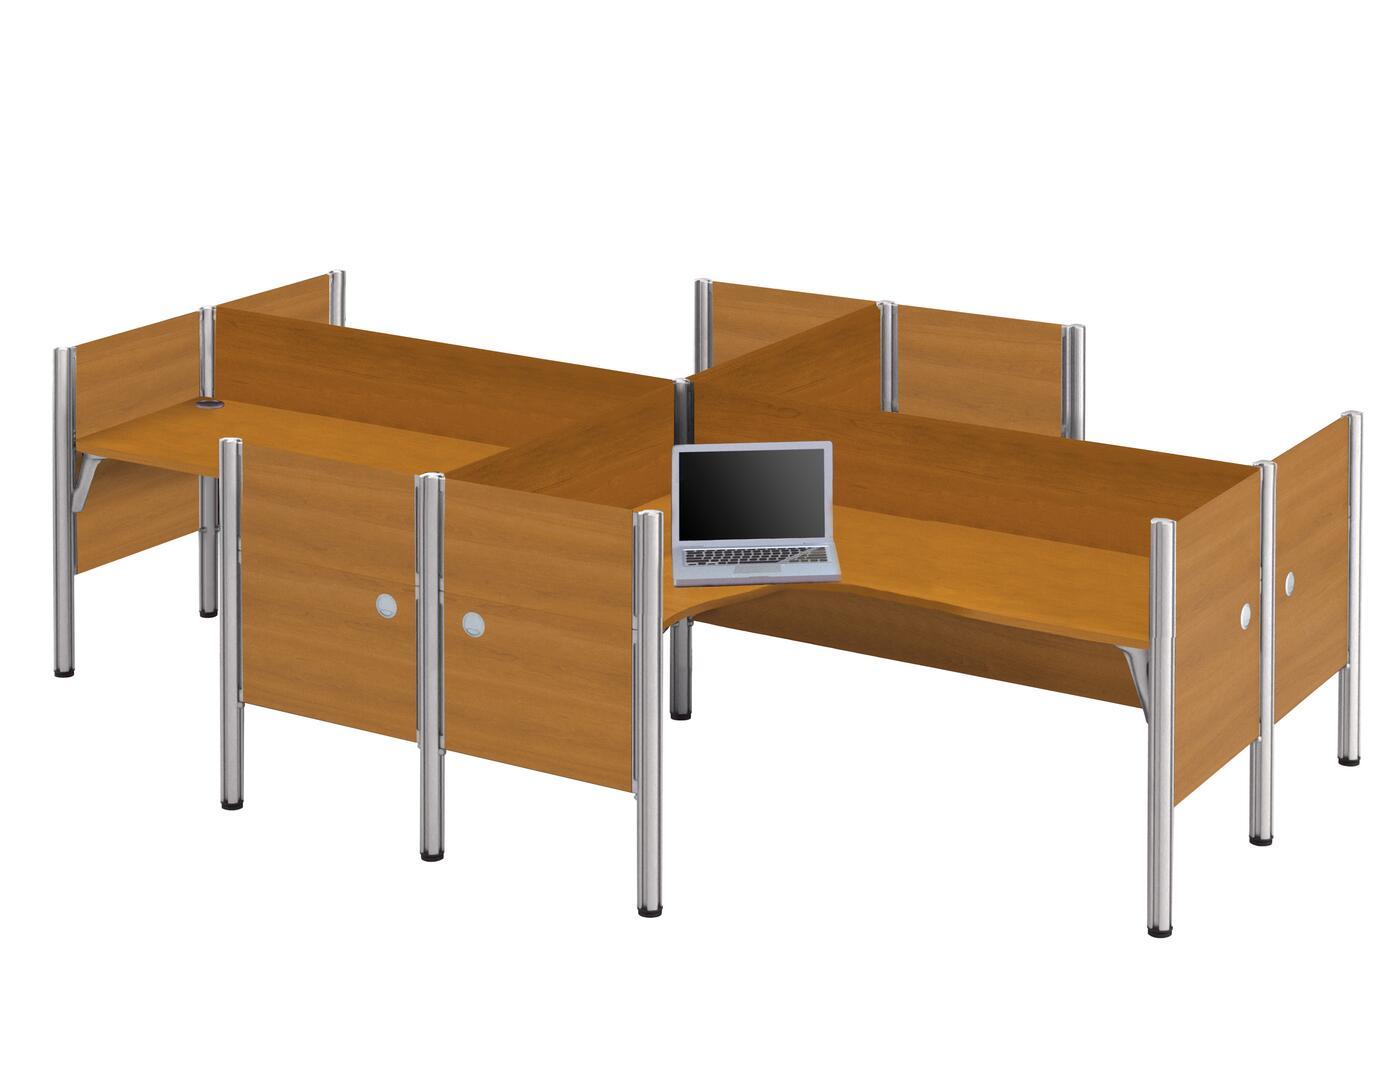 Bestar furniture 100859c69 pro biz series computer veneers for Houzz pro account cost